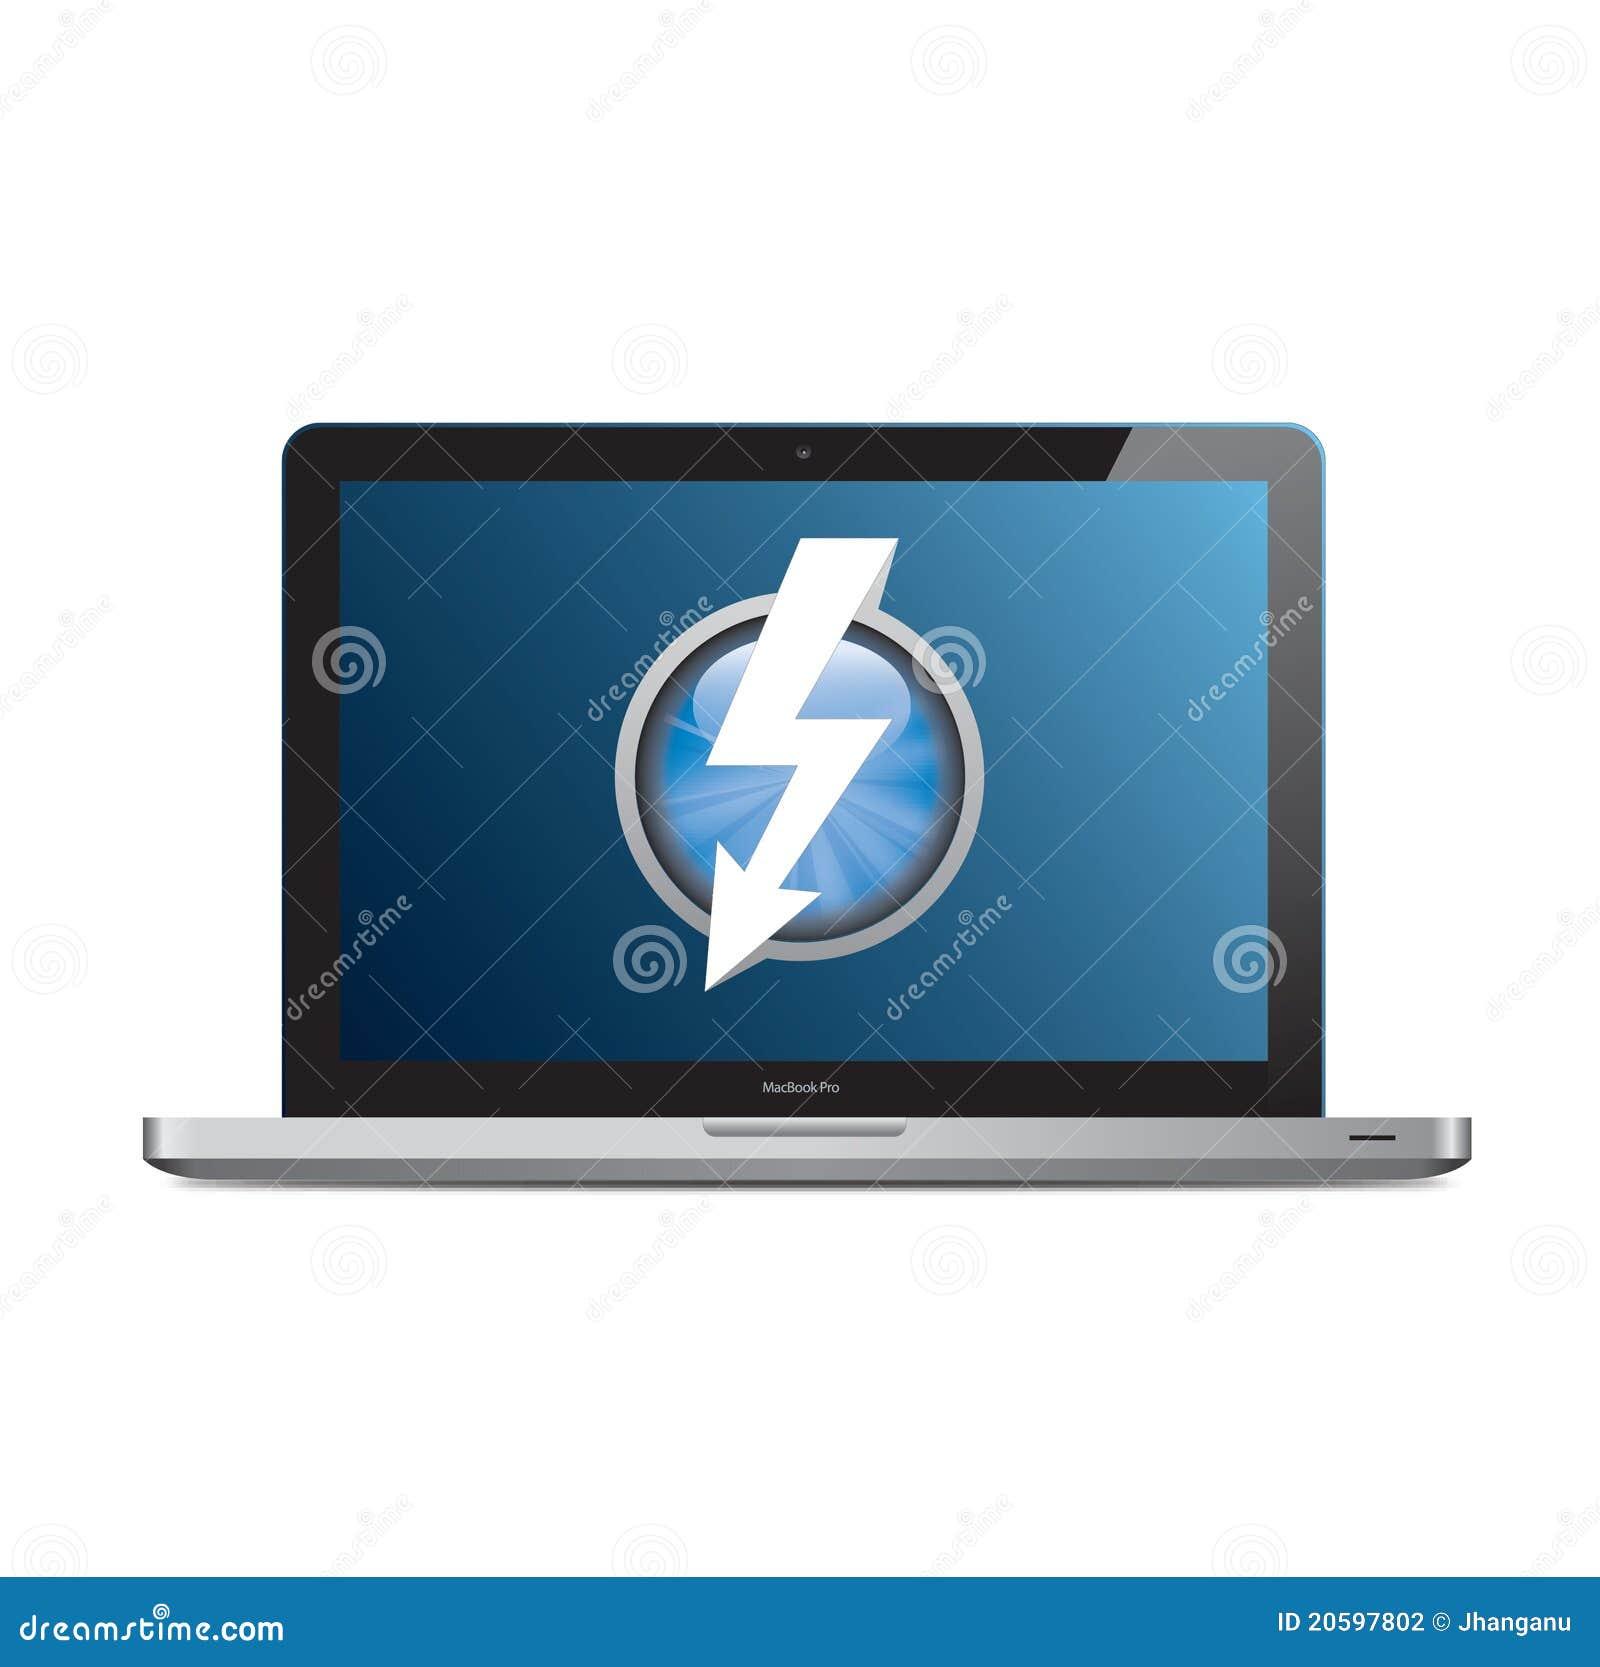 Apple MacBook Pro con insignia del rayo en la pantalla